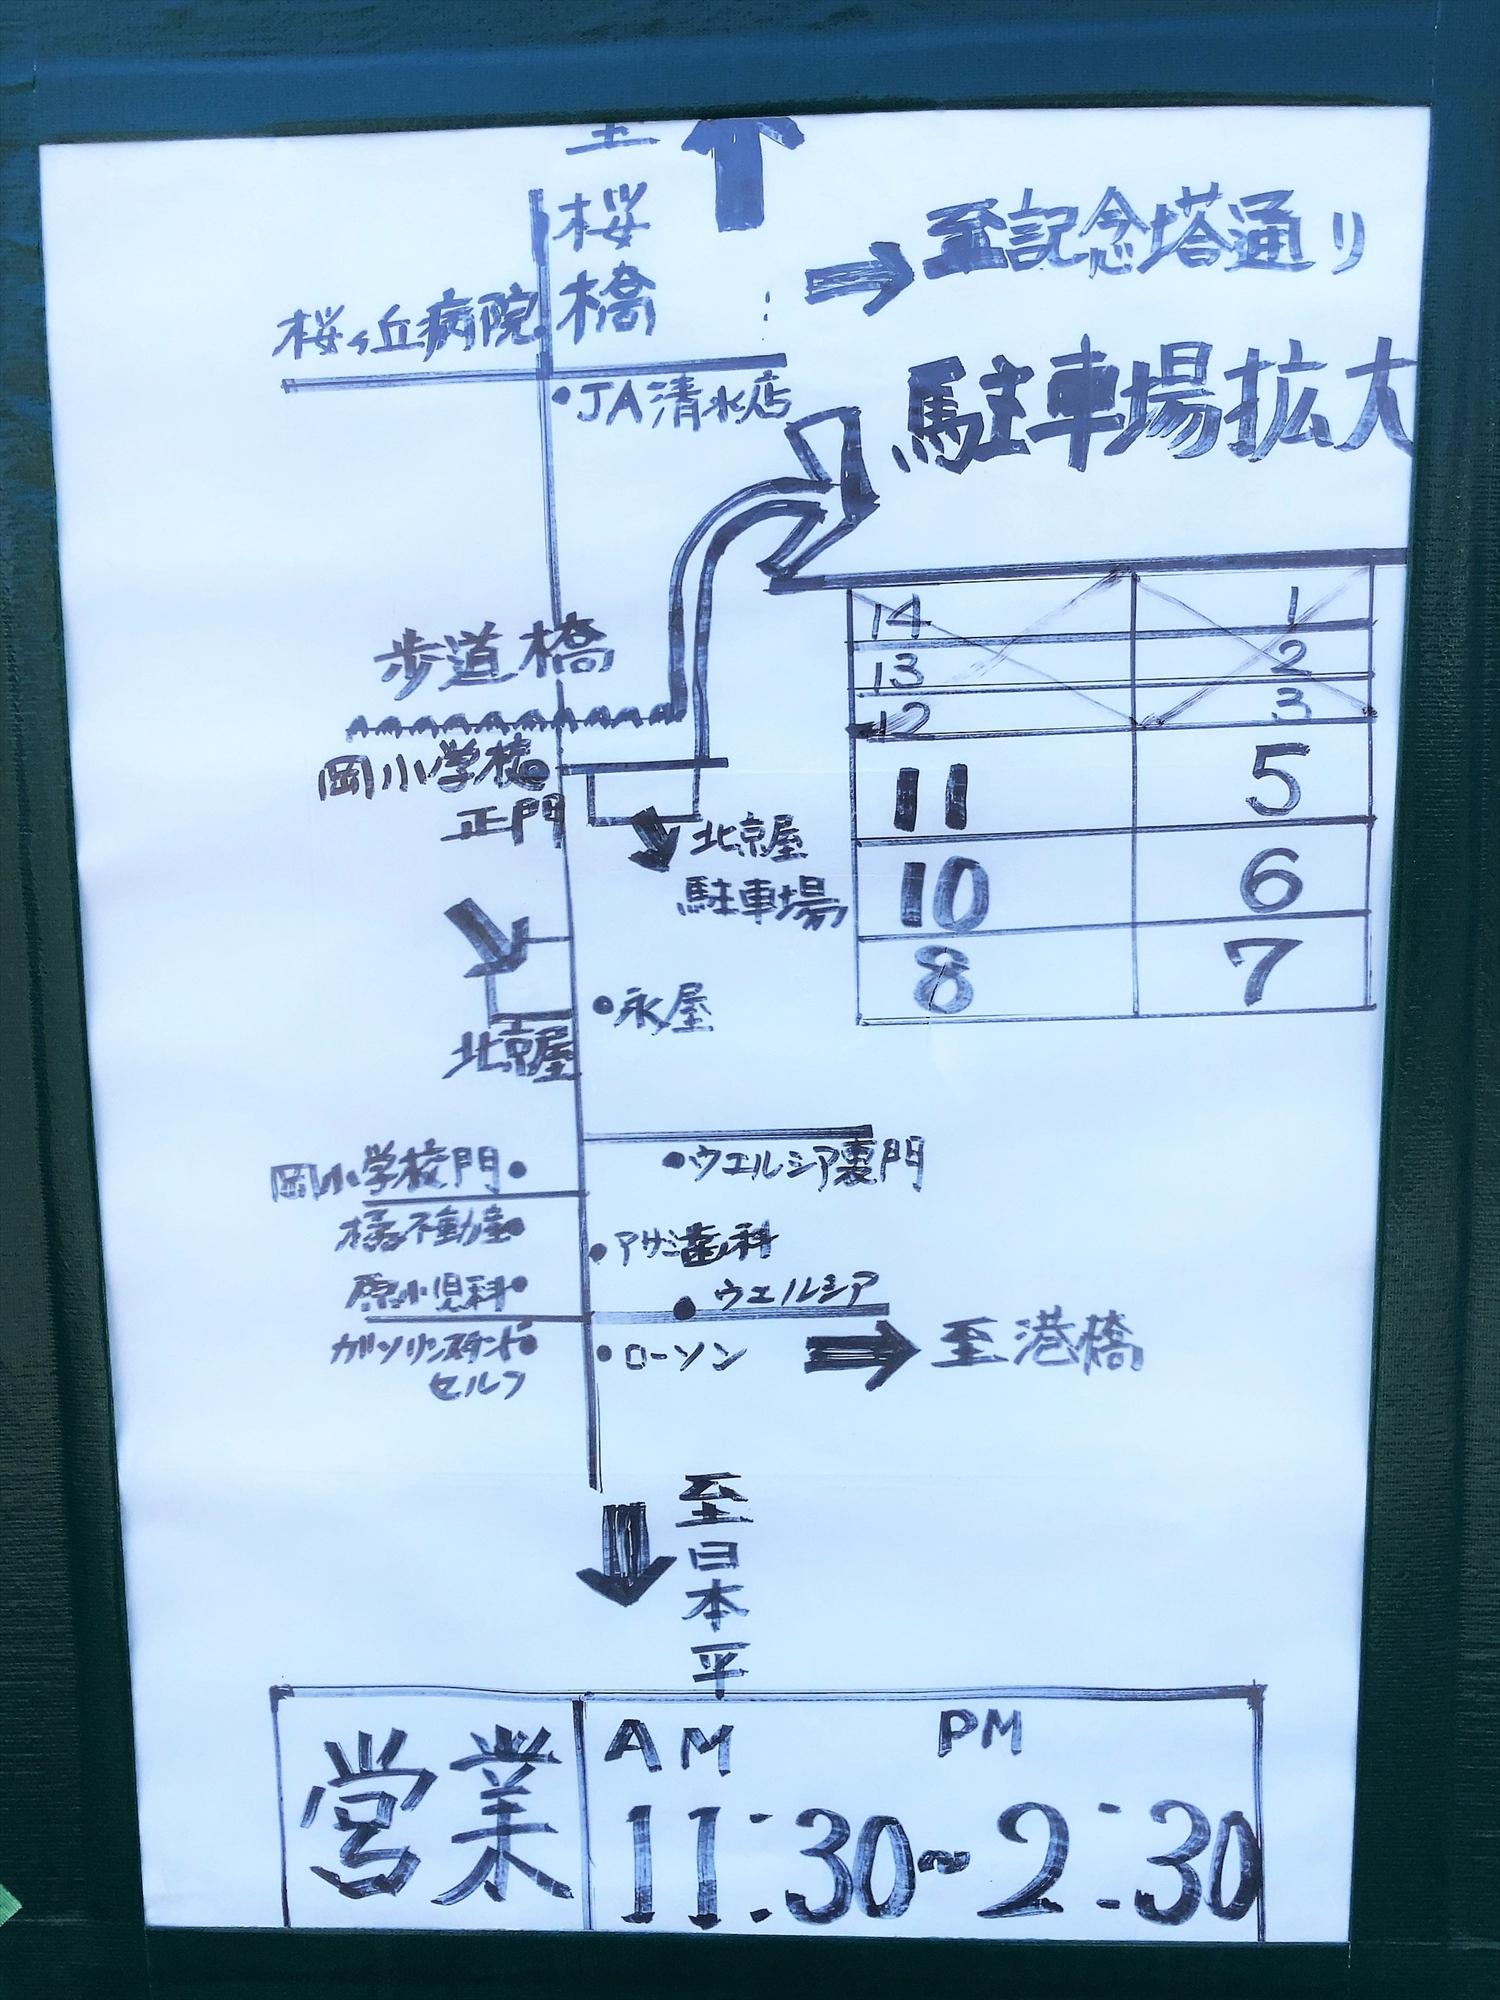 中華そば 北京屋の駐車場案内